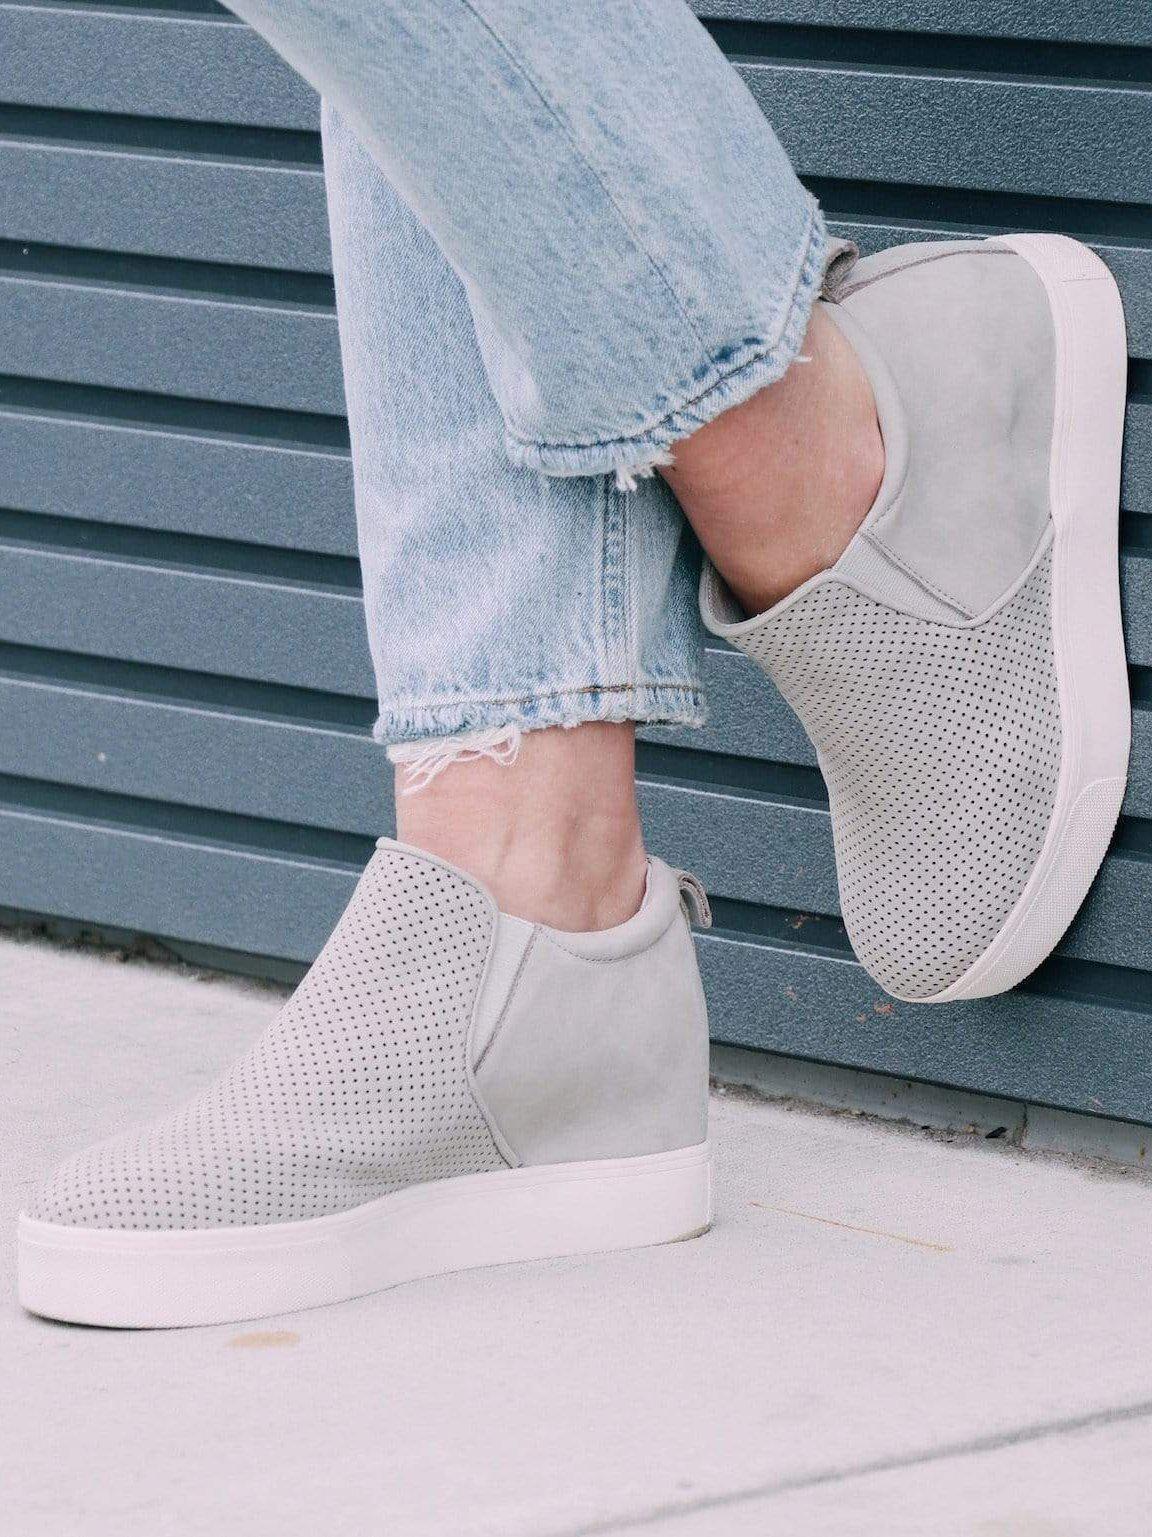 J Slides Sallie Sneaker Wedge | Wedge